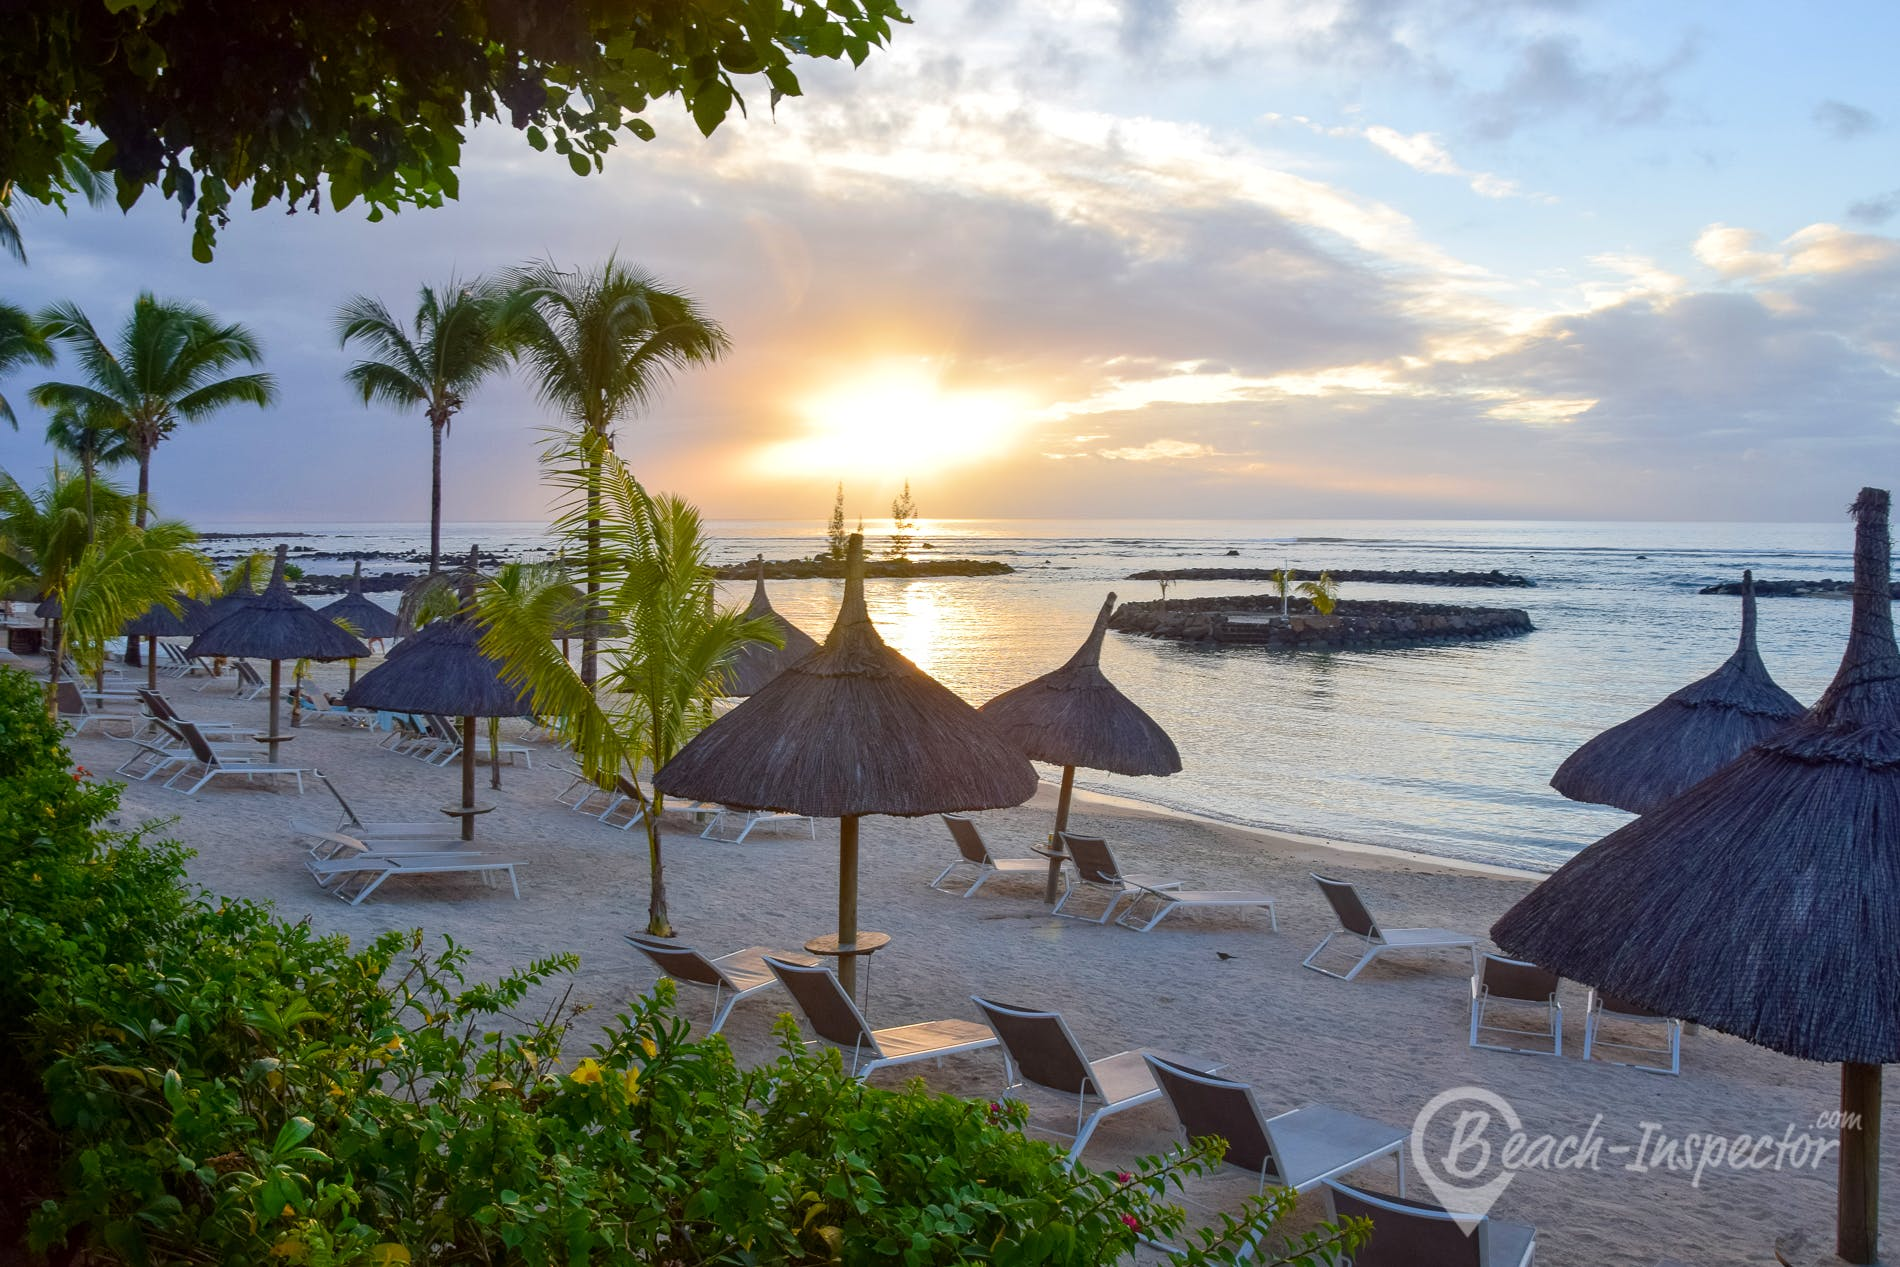 Strand Veranda Pointe aux Biches Beach, Mauritius,